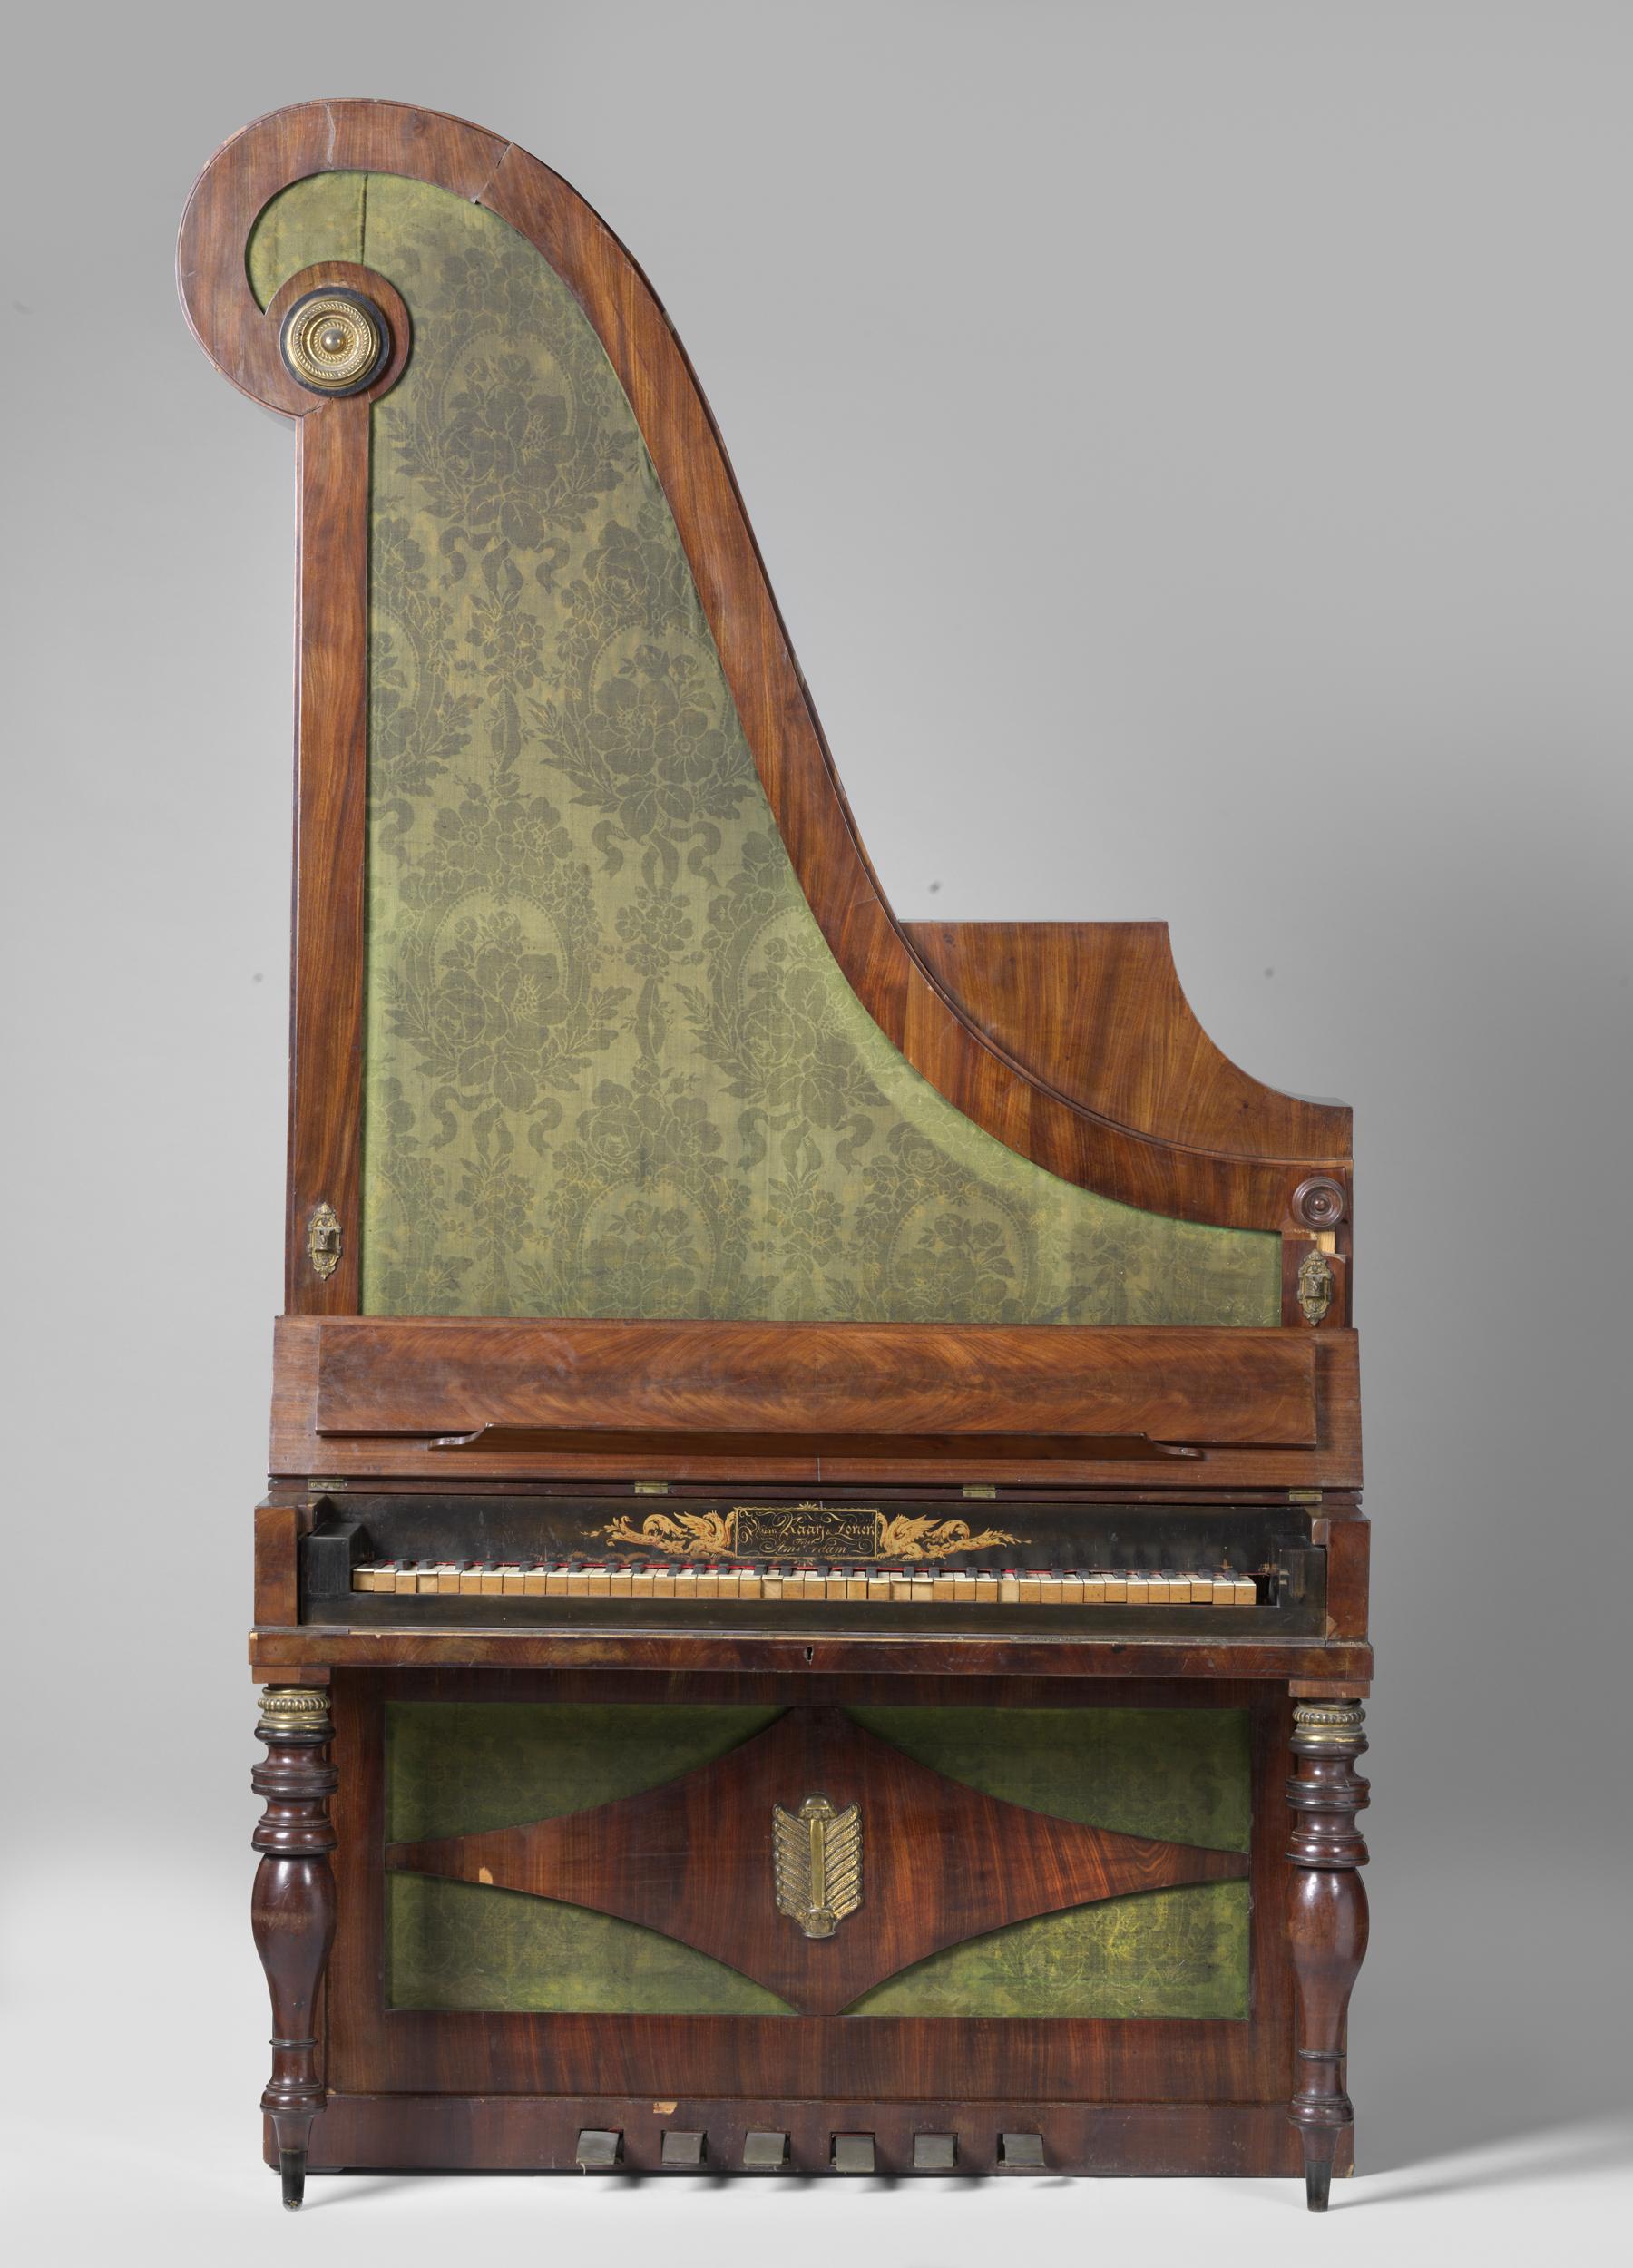 Filegiraffepiano Harpvormige Hoge Kast Met Groen Damast